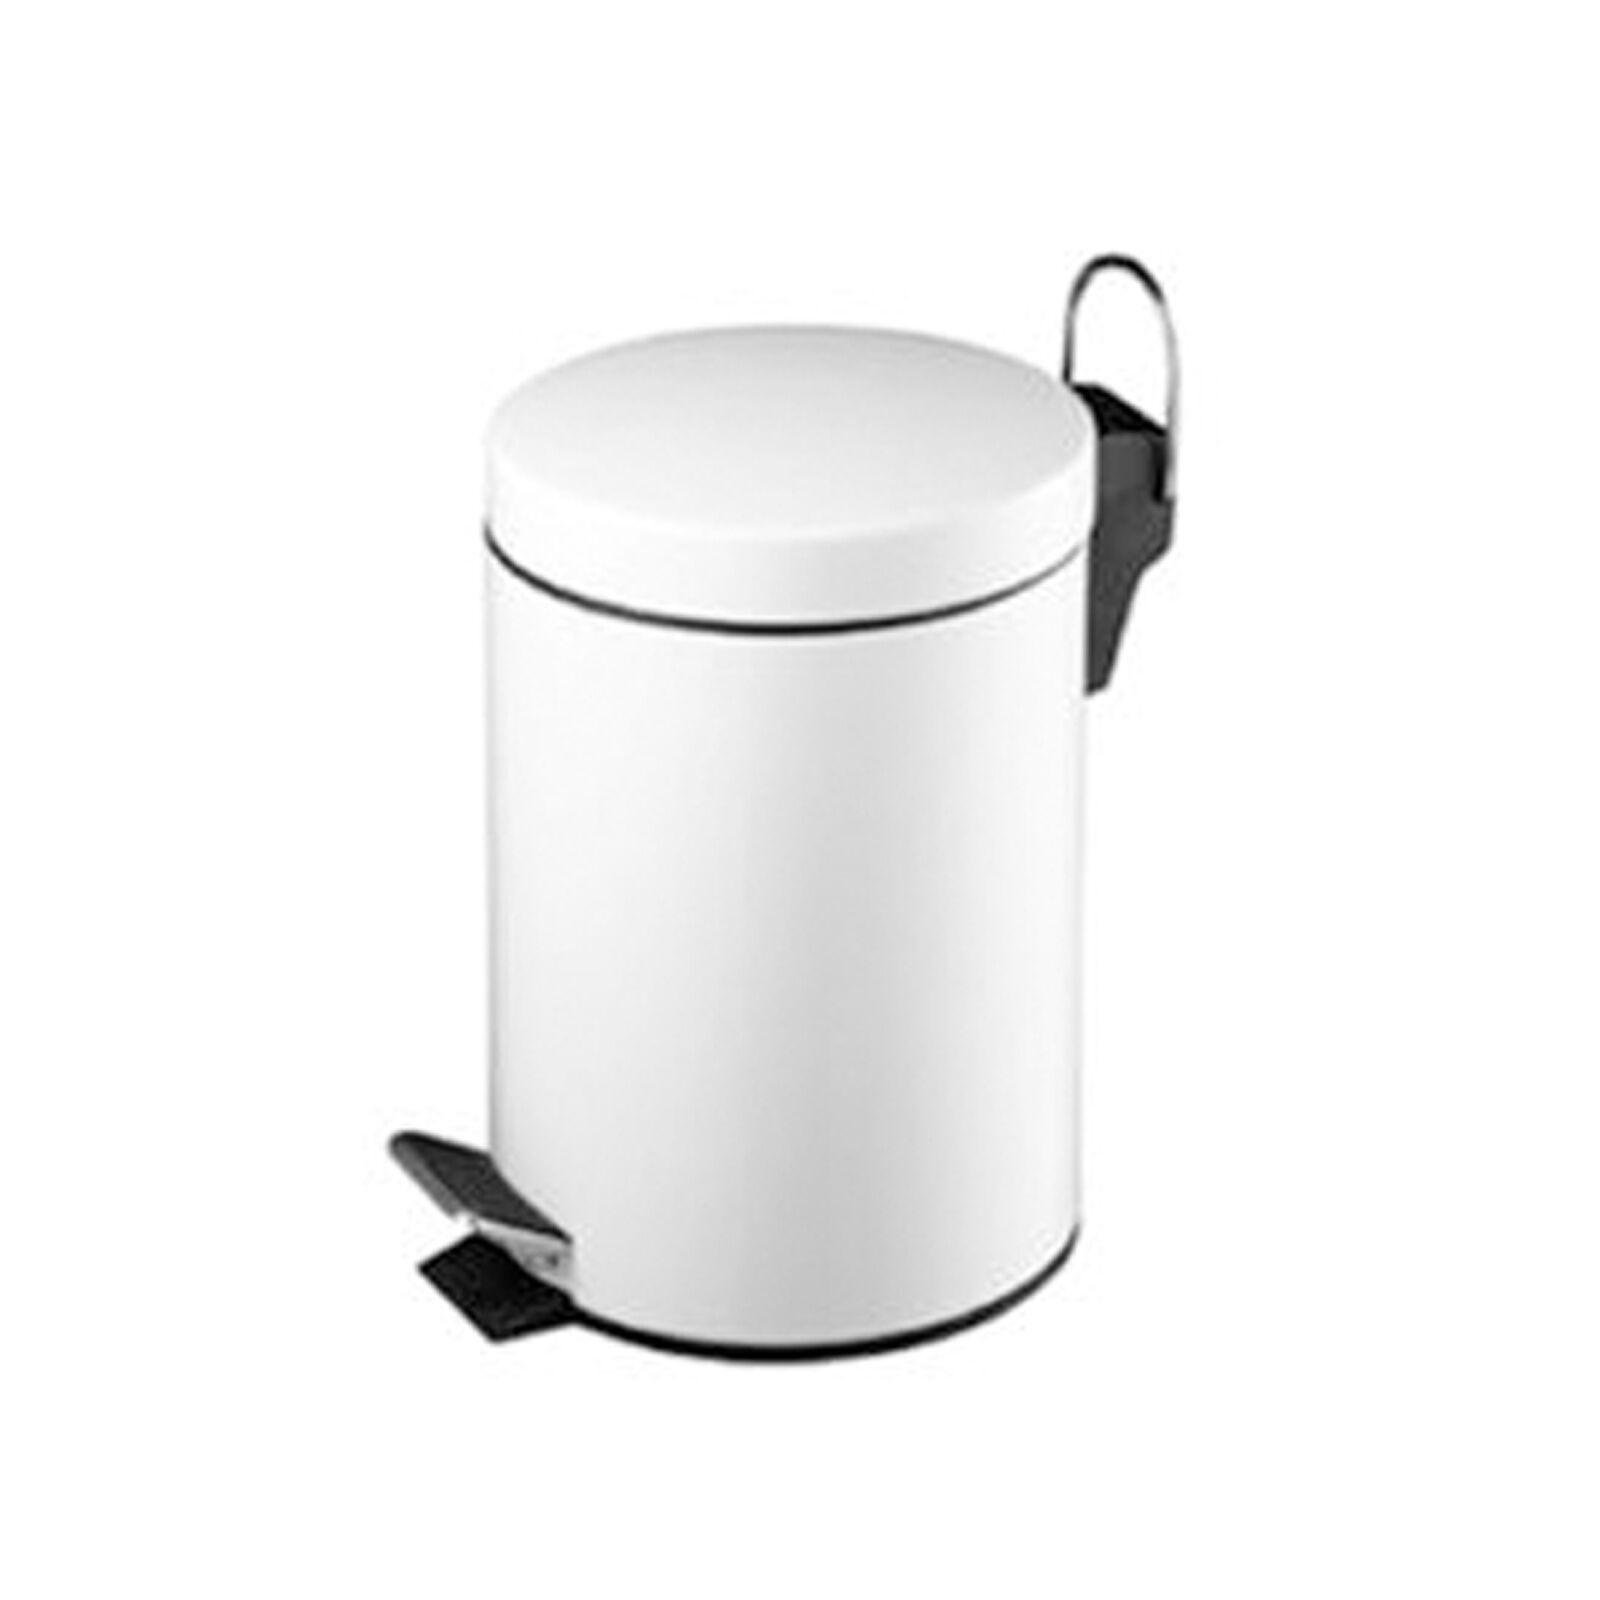 3 litre l pedal bin kitchen bathroom bedroom waste dustbin. Black Bedroom Furniture Sets. Home Design Ideas